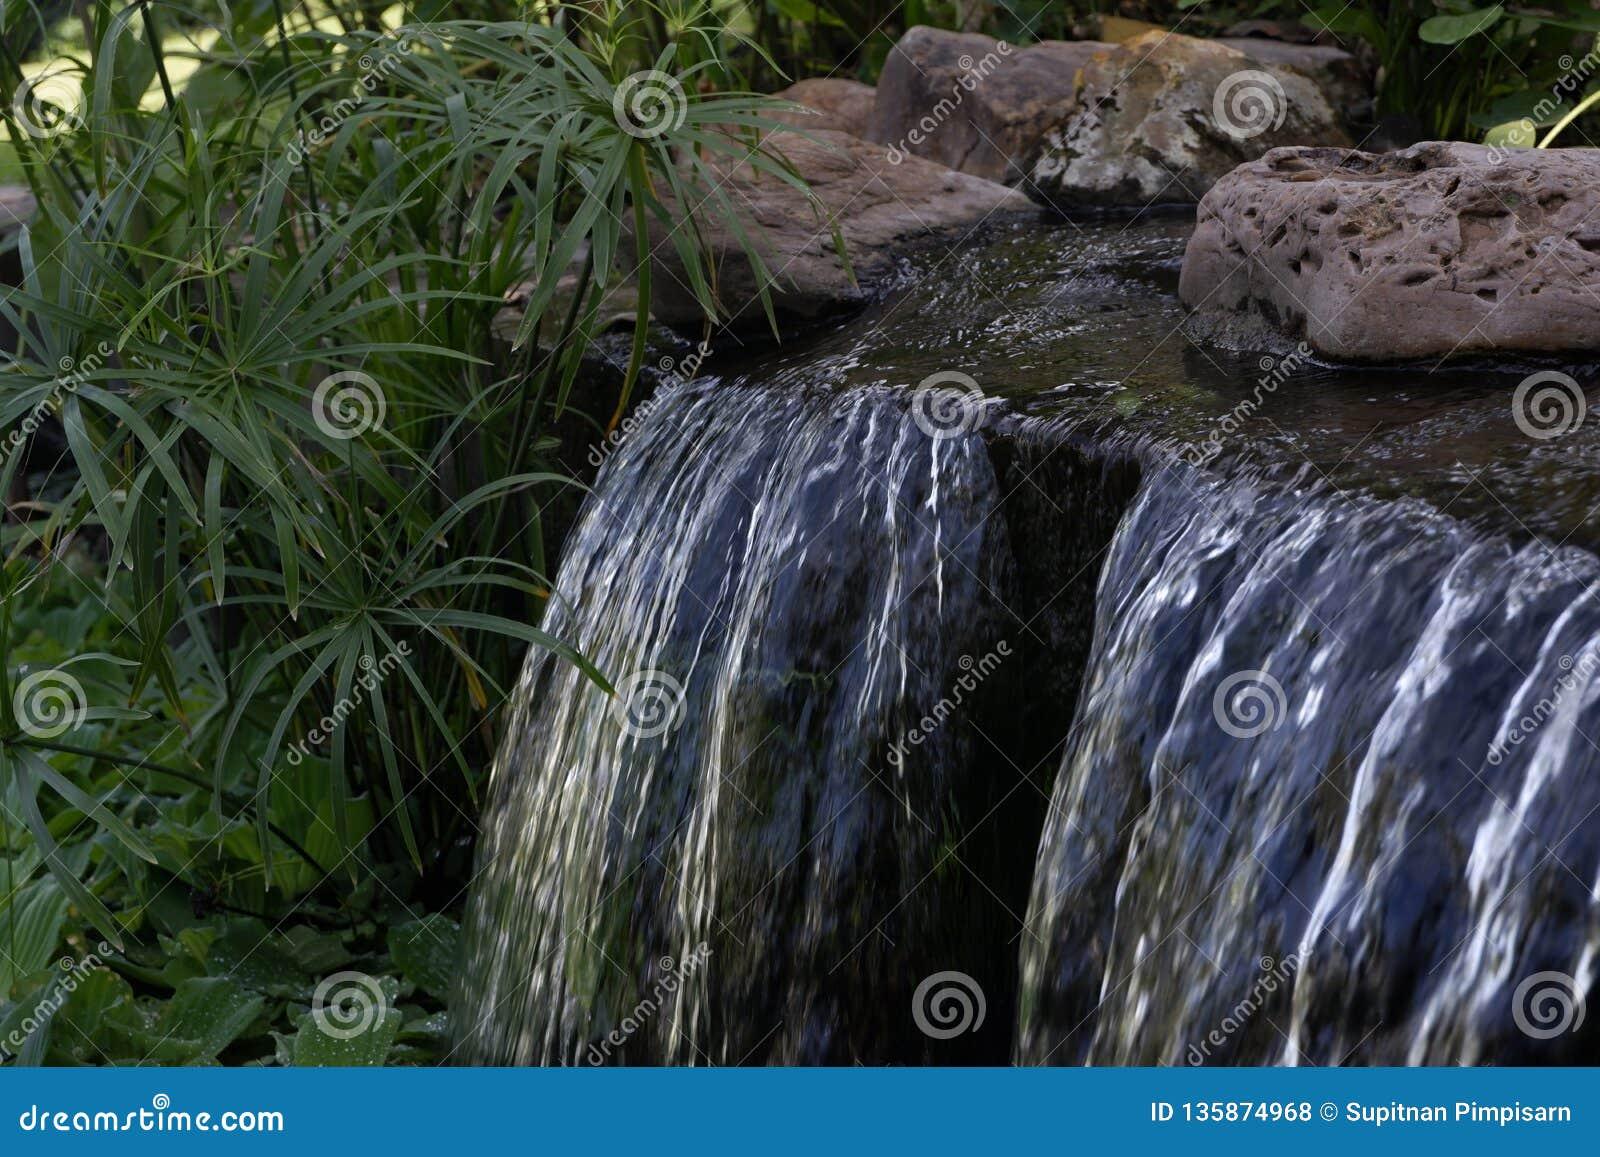 Cascate, disposizione del giardino, cascate nel giardino